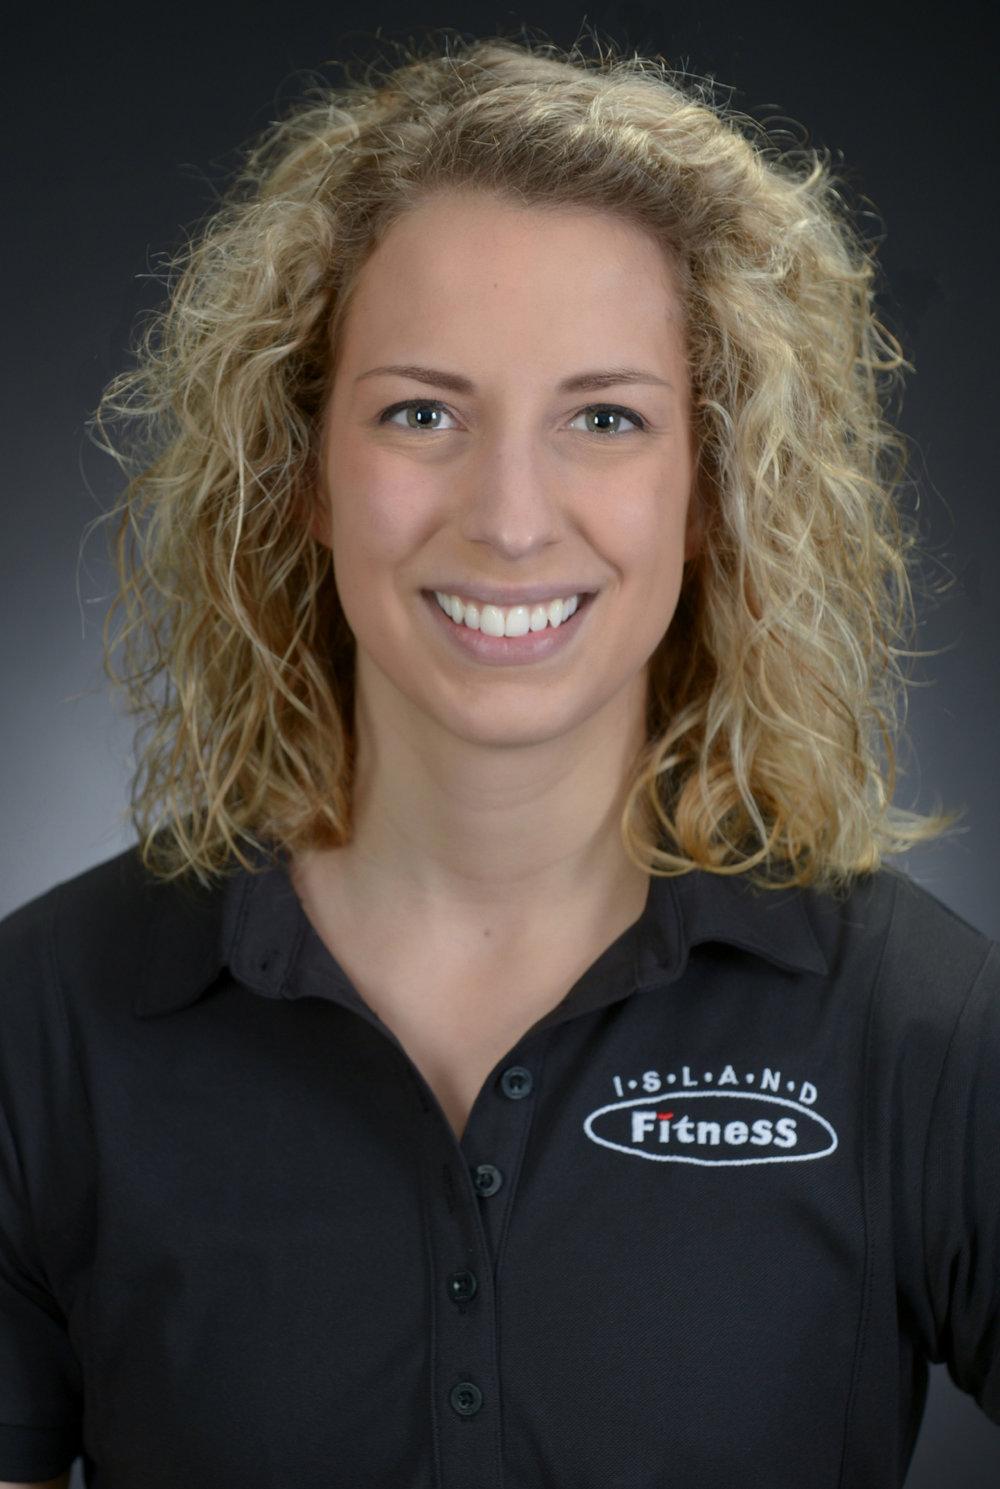 RACHEL WITTREICH | Professional Trainer